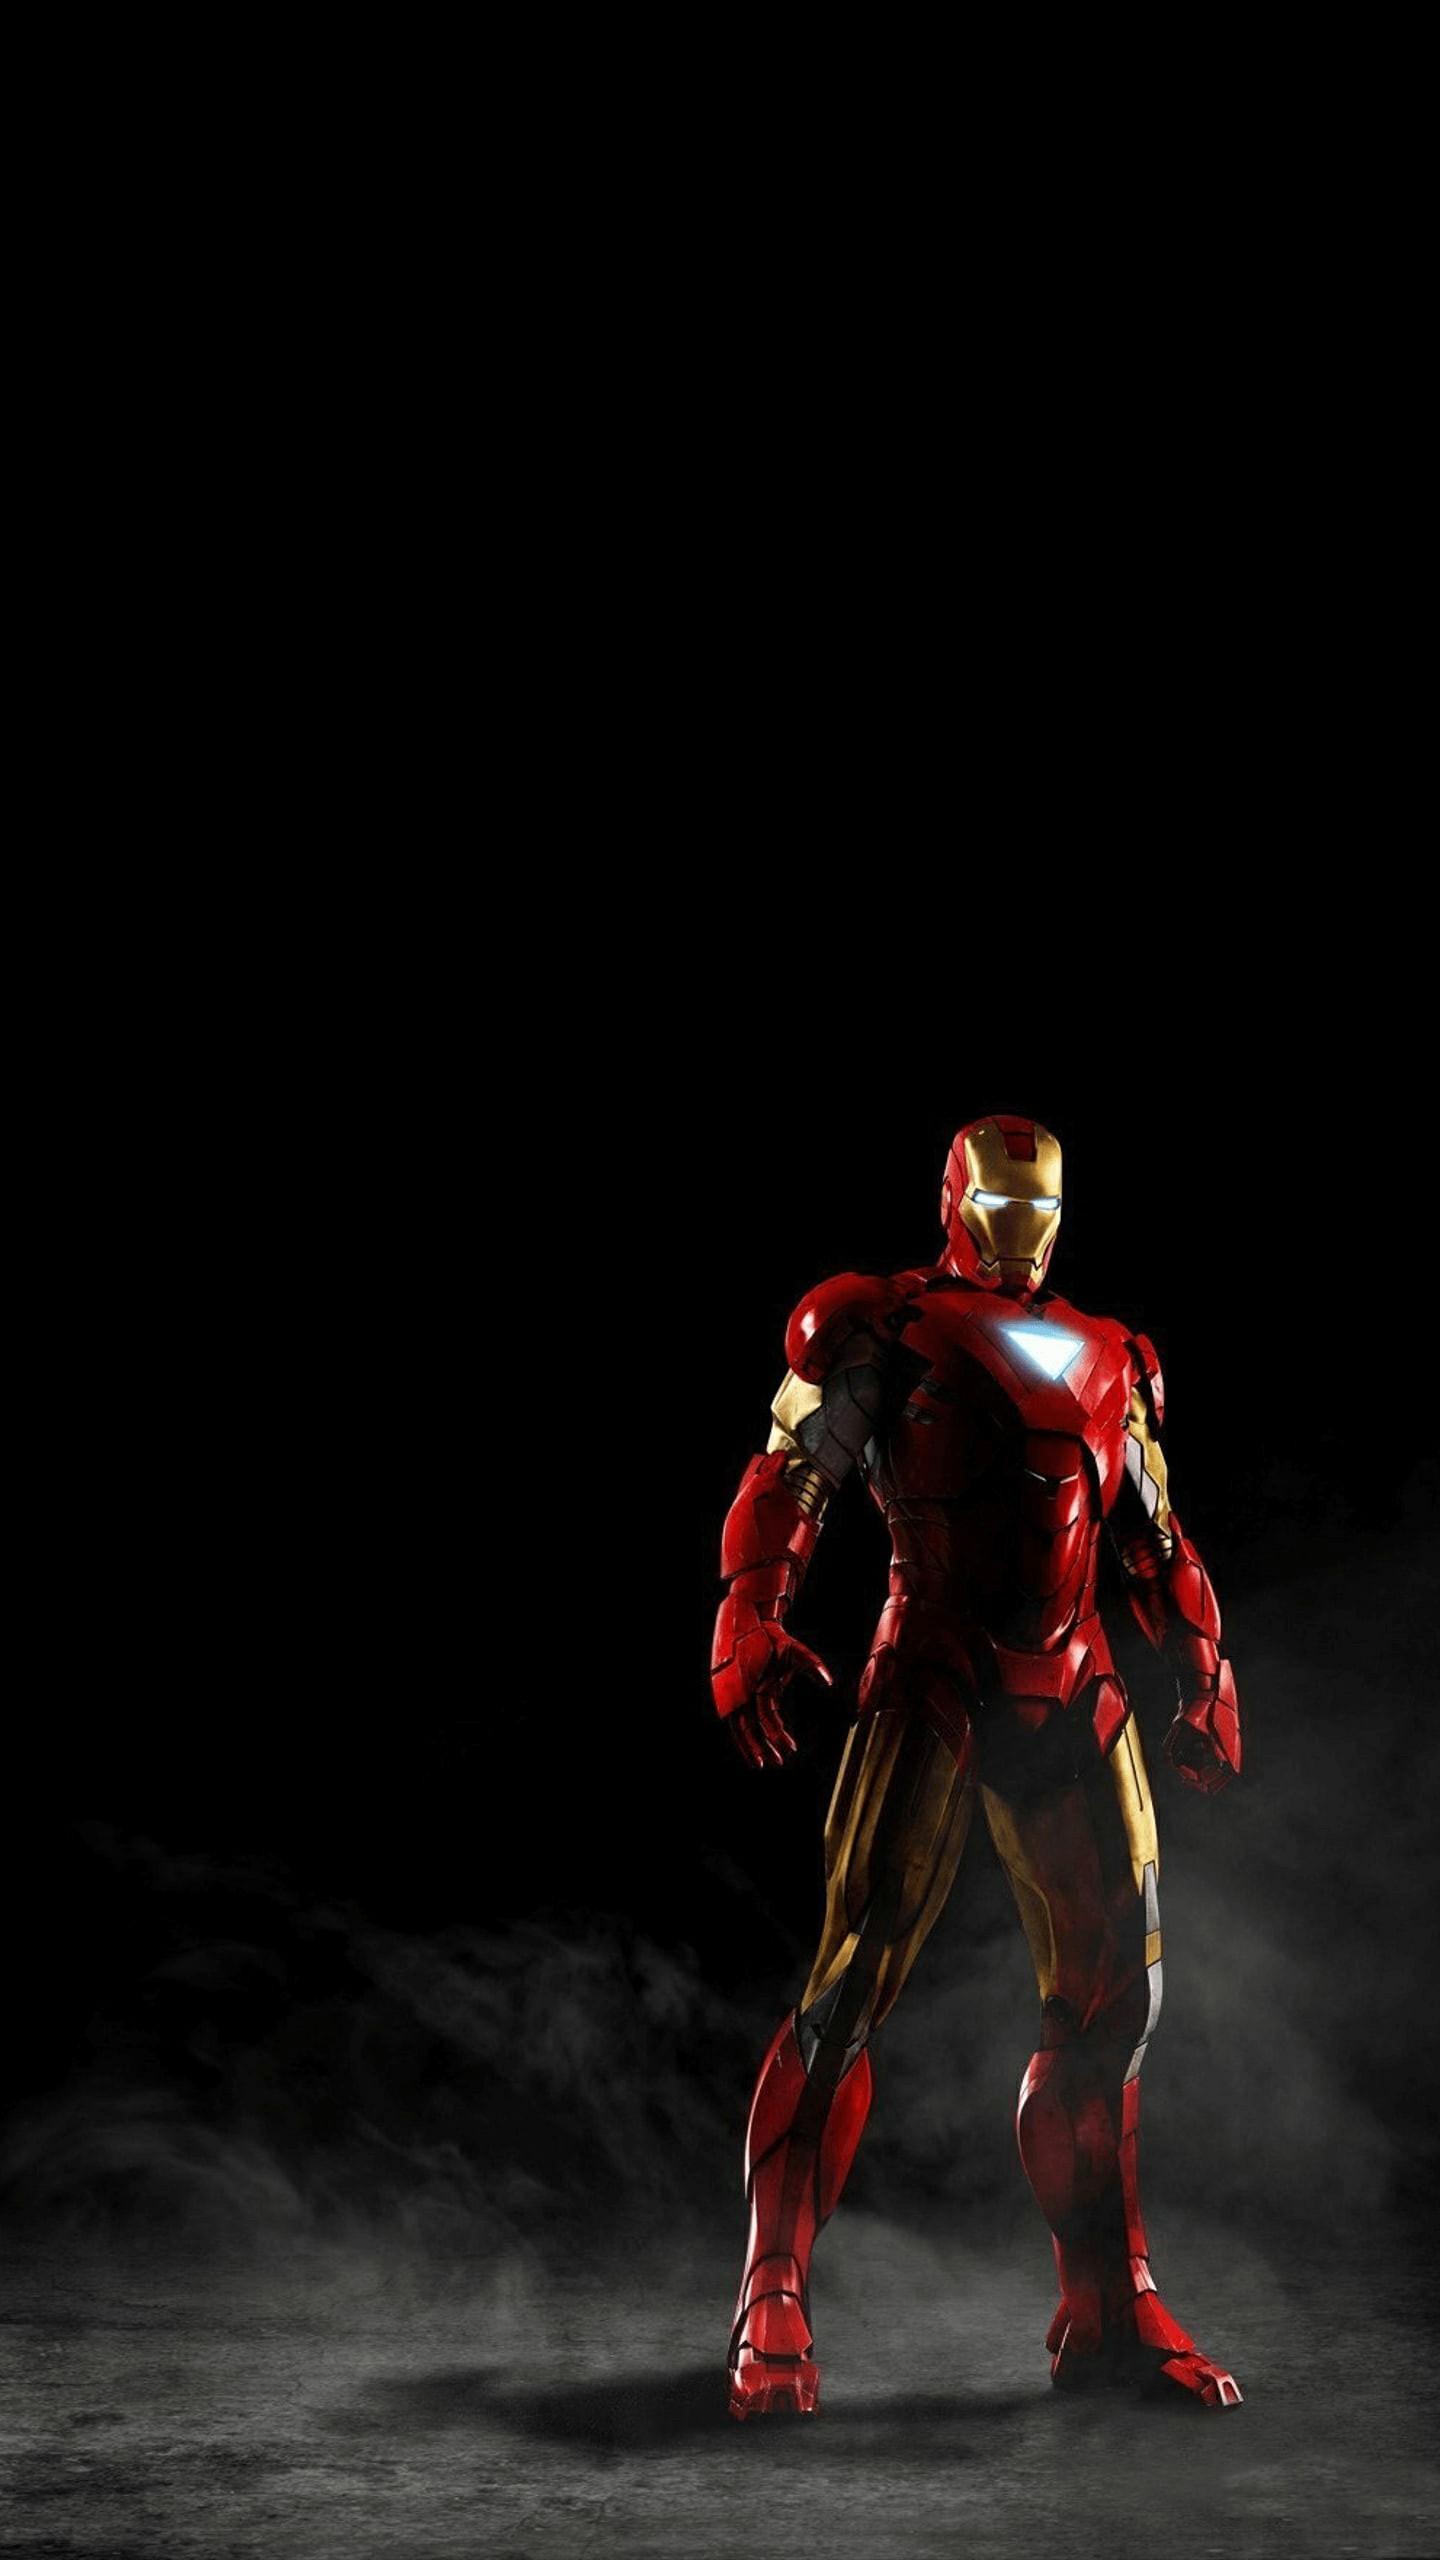 ... Chia sẻ bộ sưu tập hơn 100 ảnh nền siêu anh hùng ấn tượng cho smartphone ...